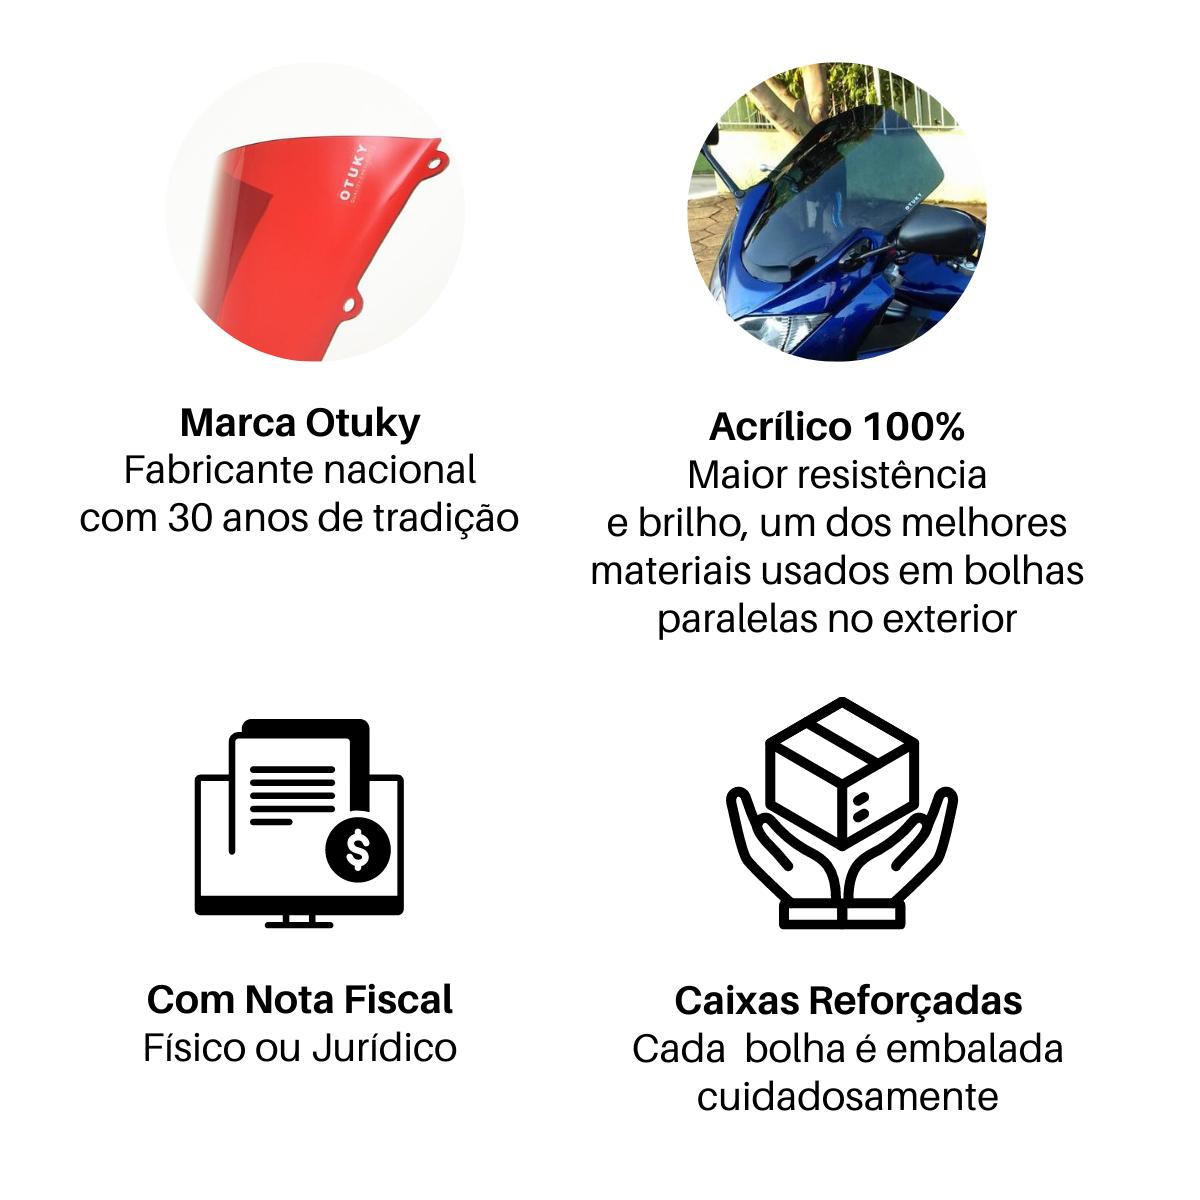 Bolha para Moto XT 660 R 2005 2006 2007 2008 2009 2010 2011 2012 2013 2014 2015 2016 2017 2018 Padrão Cristal